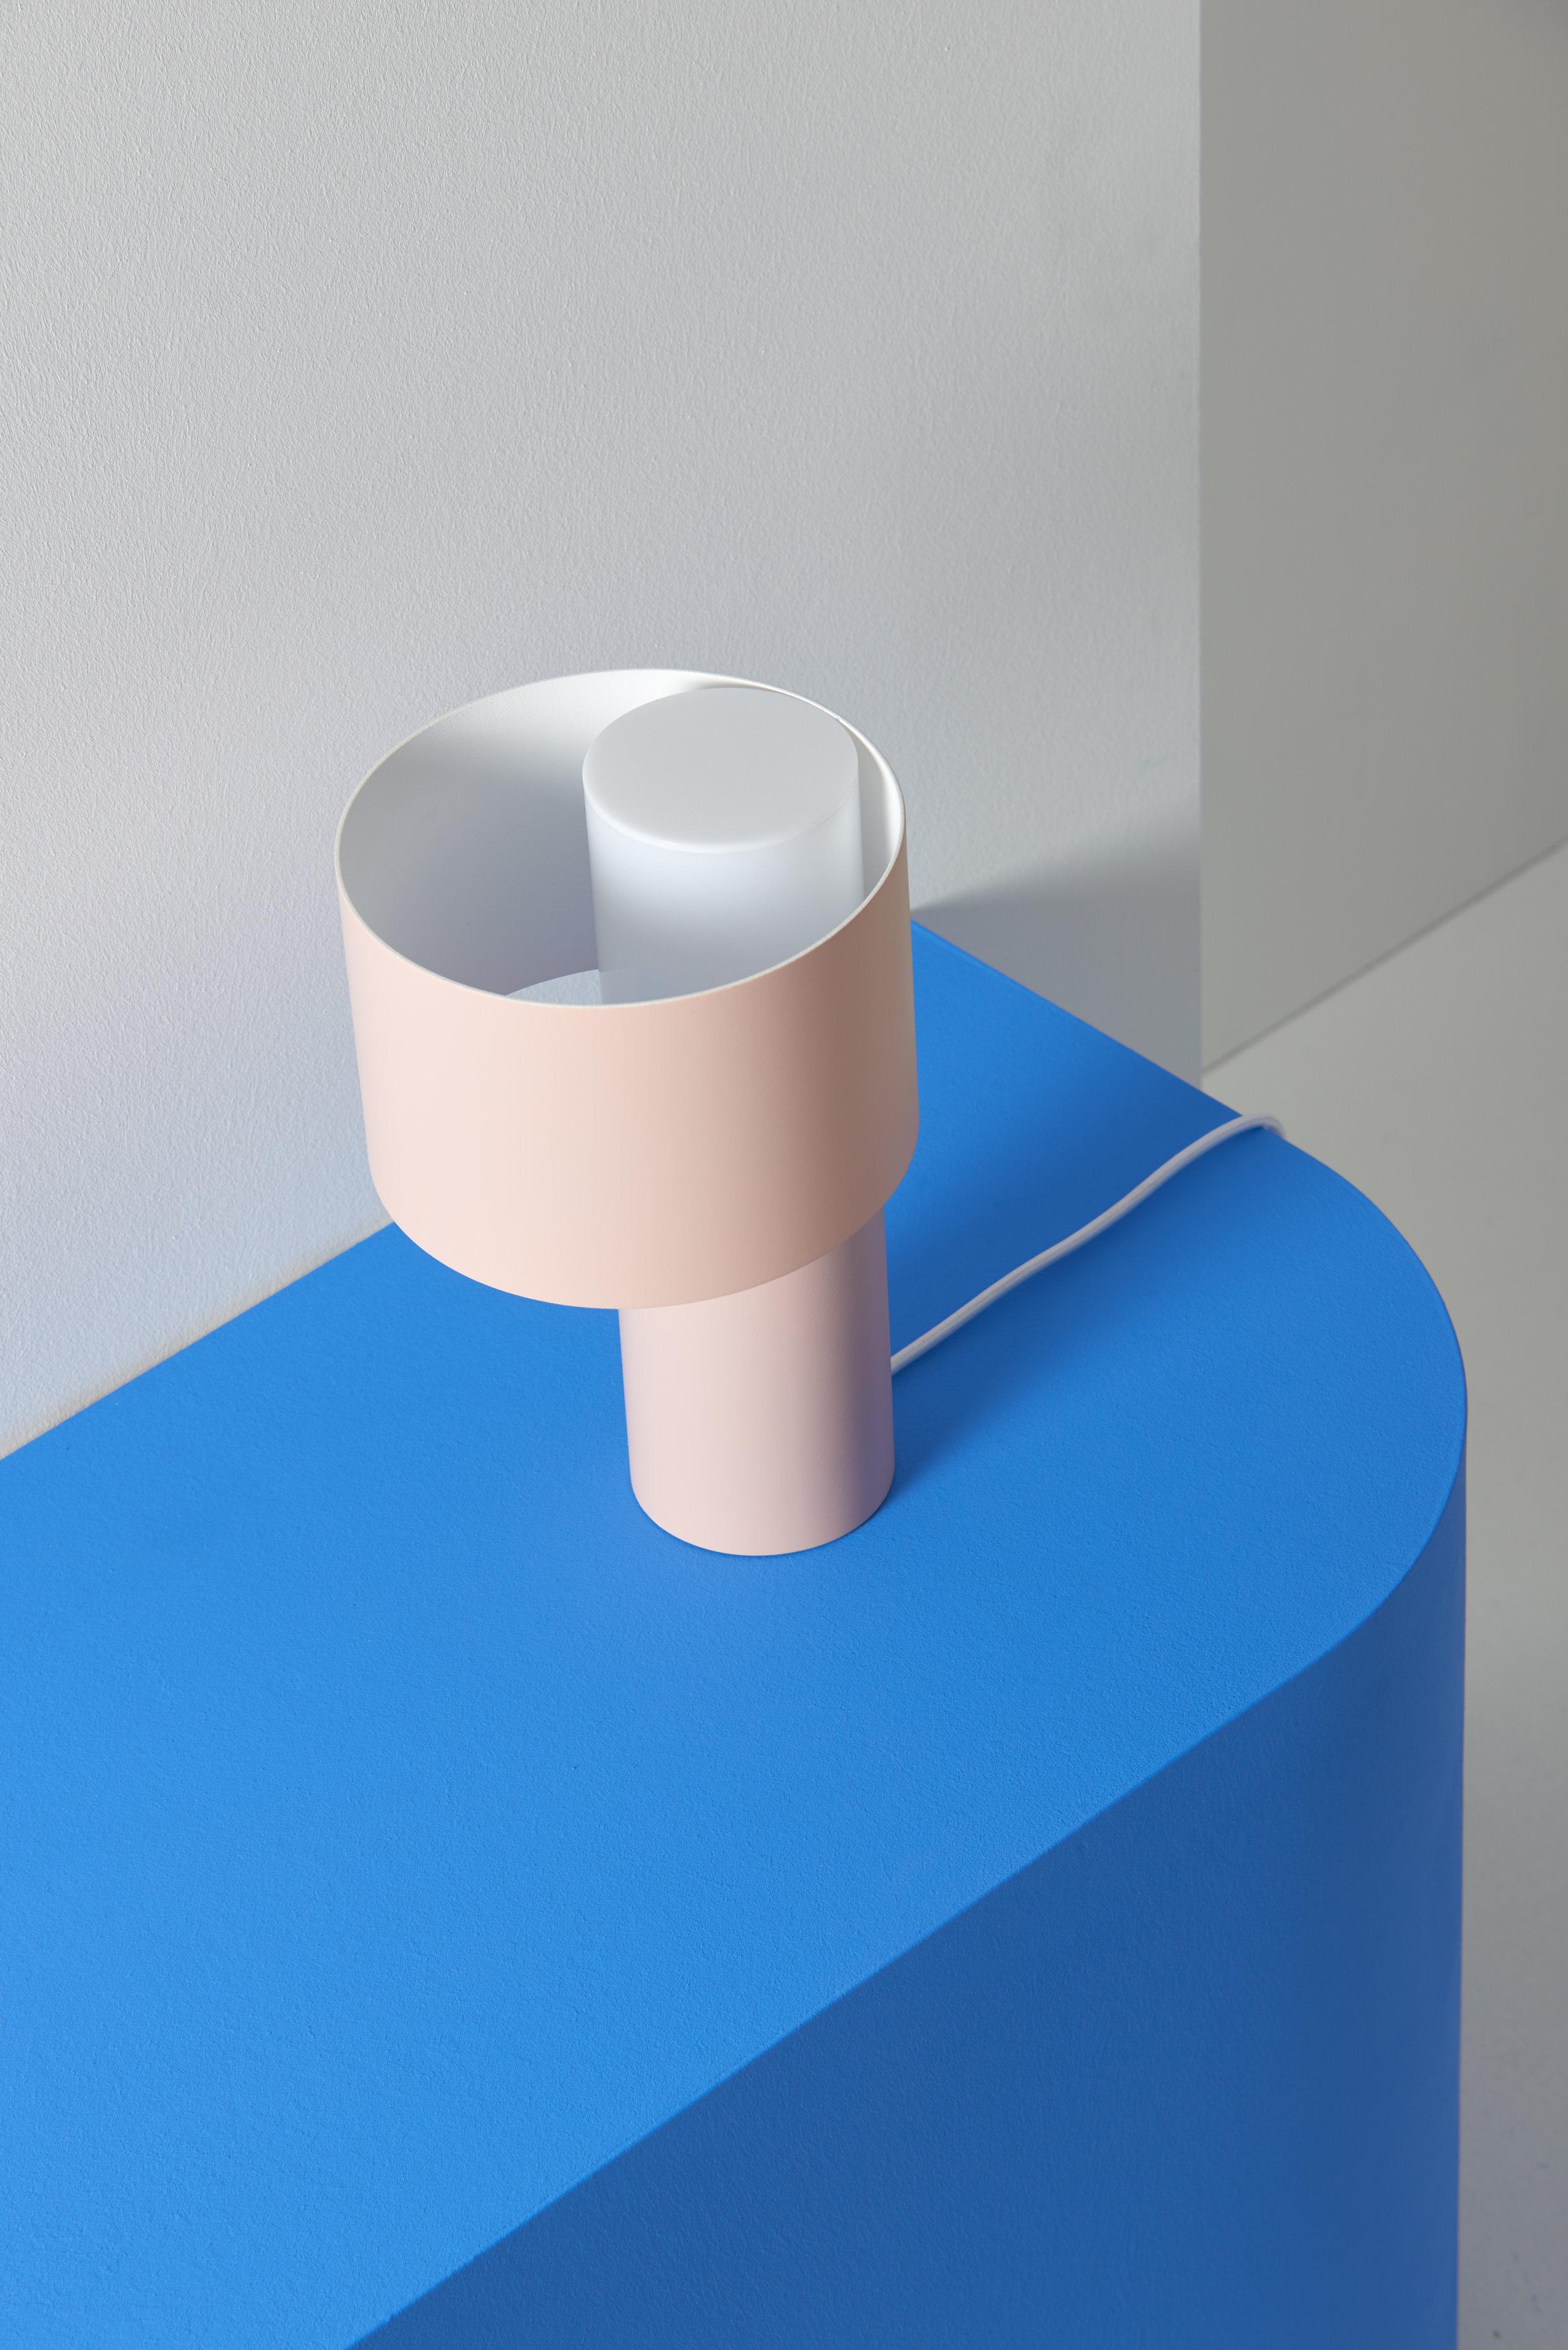 Tangent_Table_Lamp_Frederik_Kurzweg_Design_Studio_01.jpg